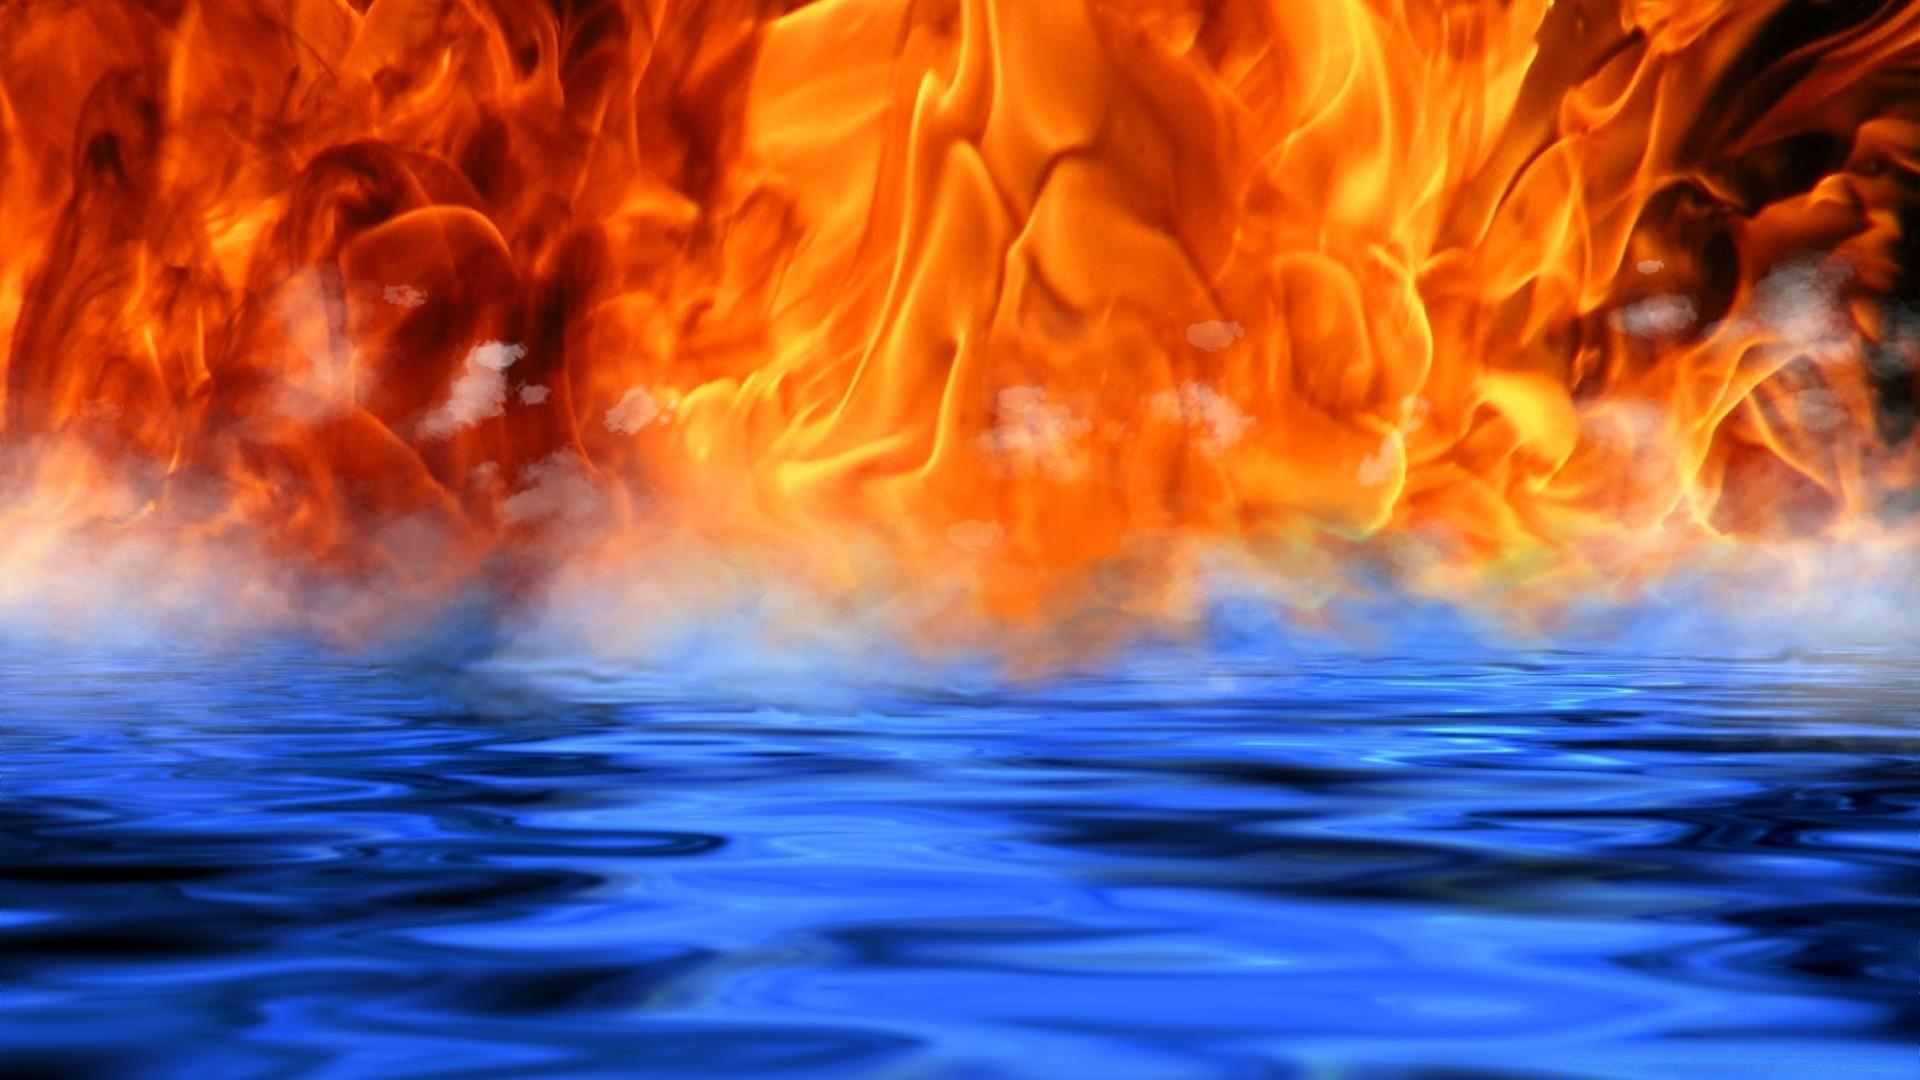 фото картинки обои огонь и вода считалась хранительницей